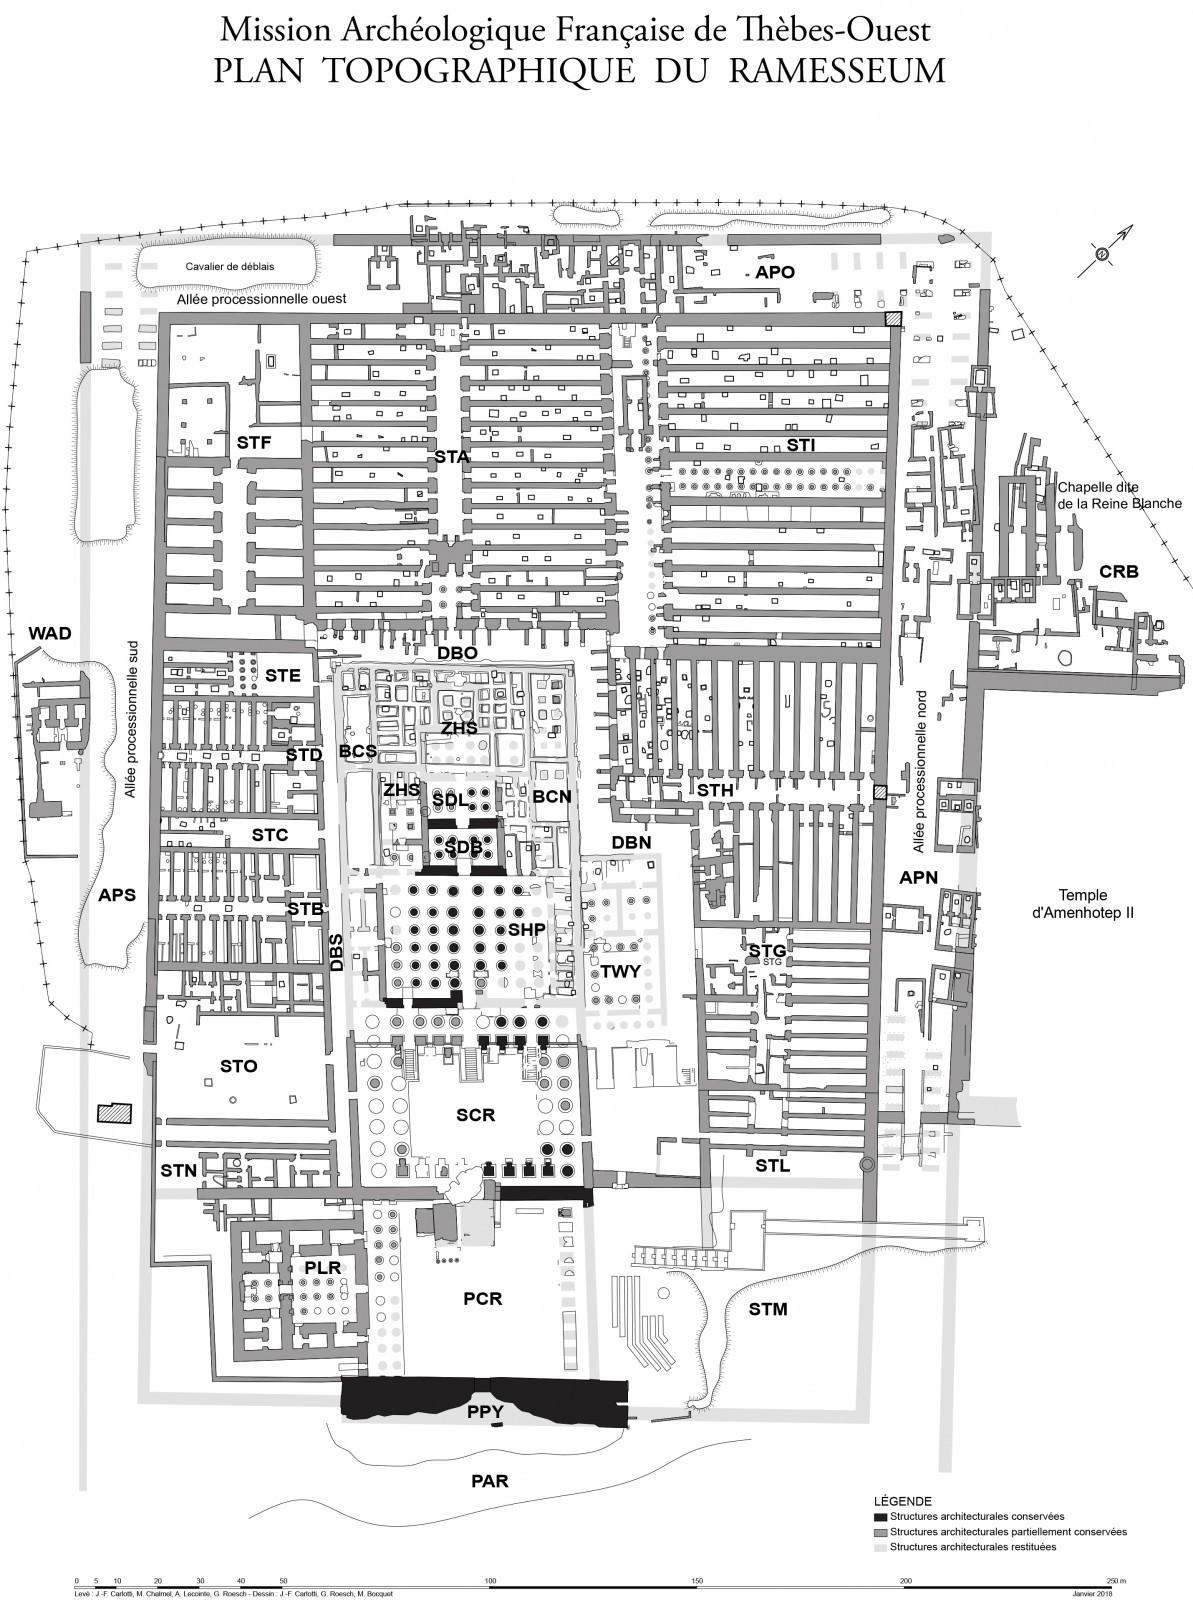 Plan topographique du Ramesseum ou temple de millions d'années de Ramsès II. D'après le relevé de J.-Fr. Carlotti, M. Chalmel, A. Lecointe, G. Roesch.